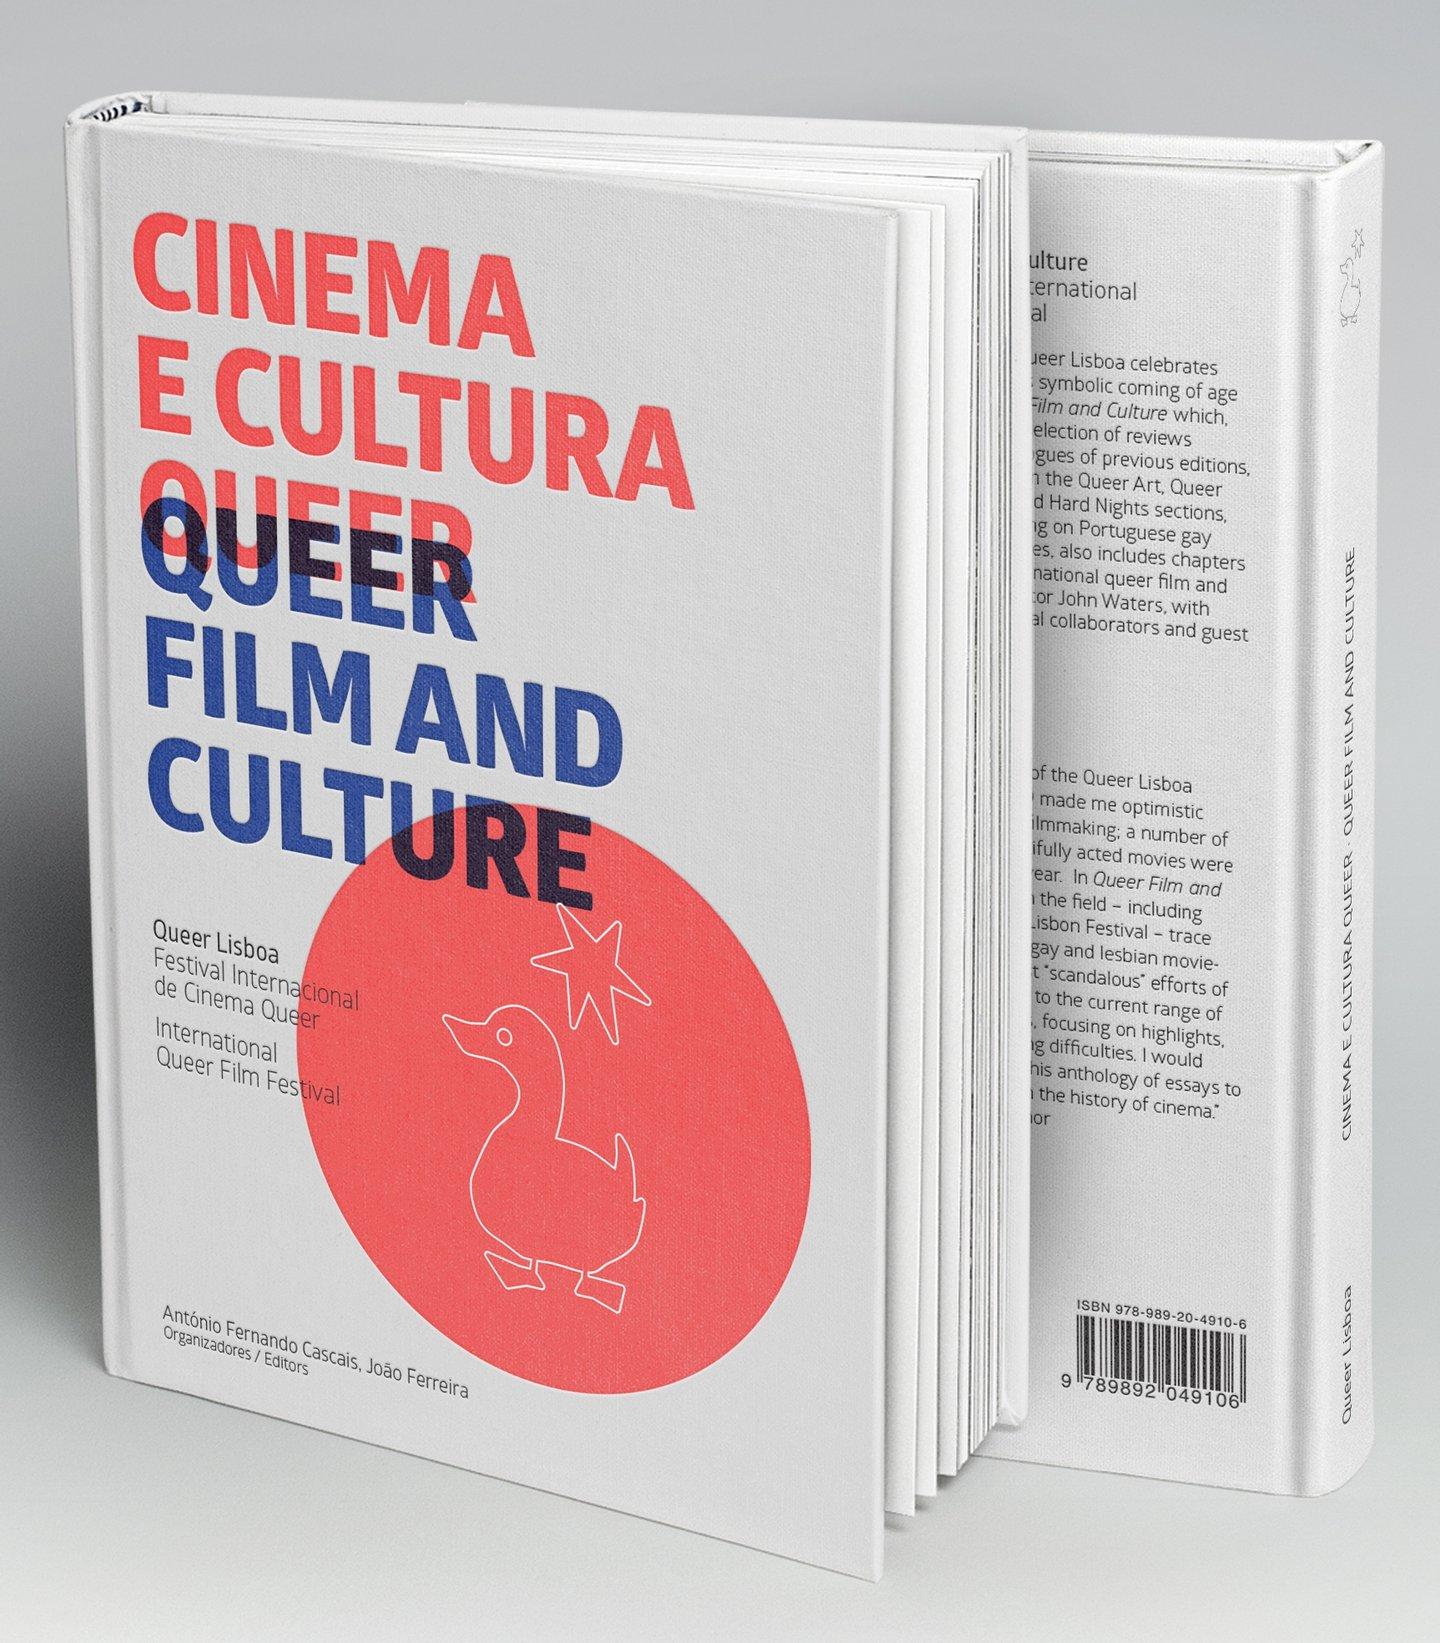 Livro Cinema e Cultura Queer